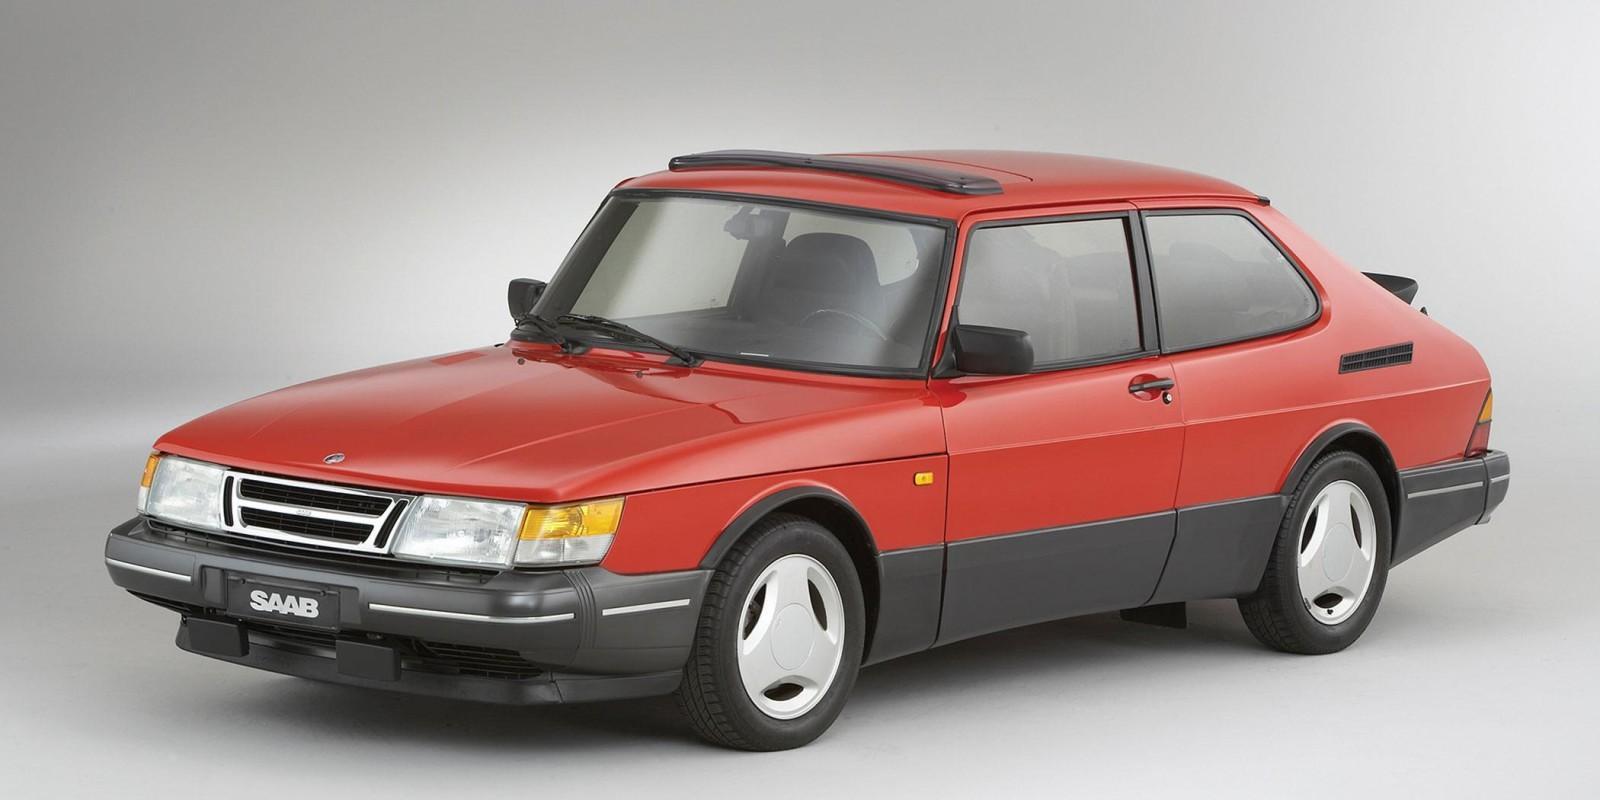 1990 Saab 900 Turbo